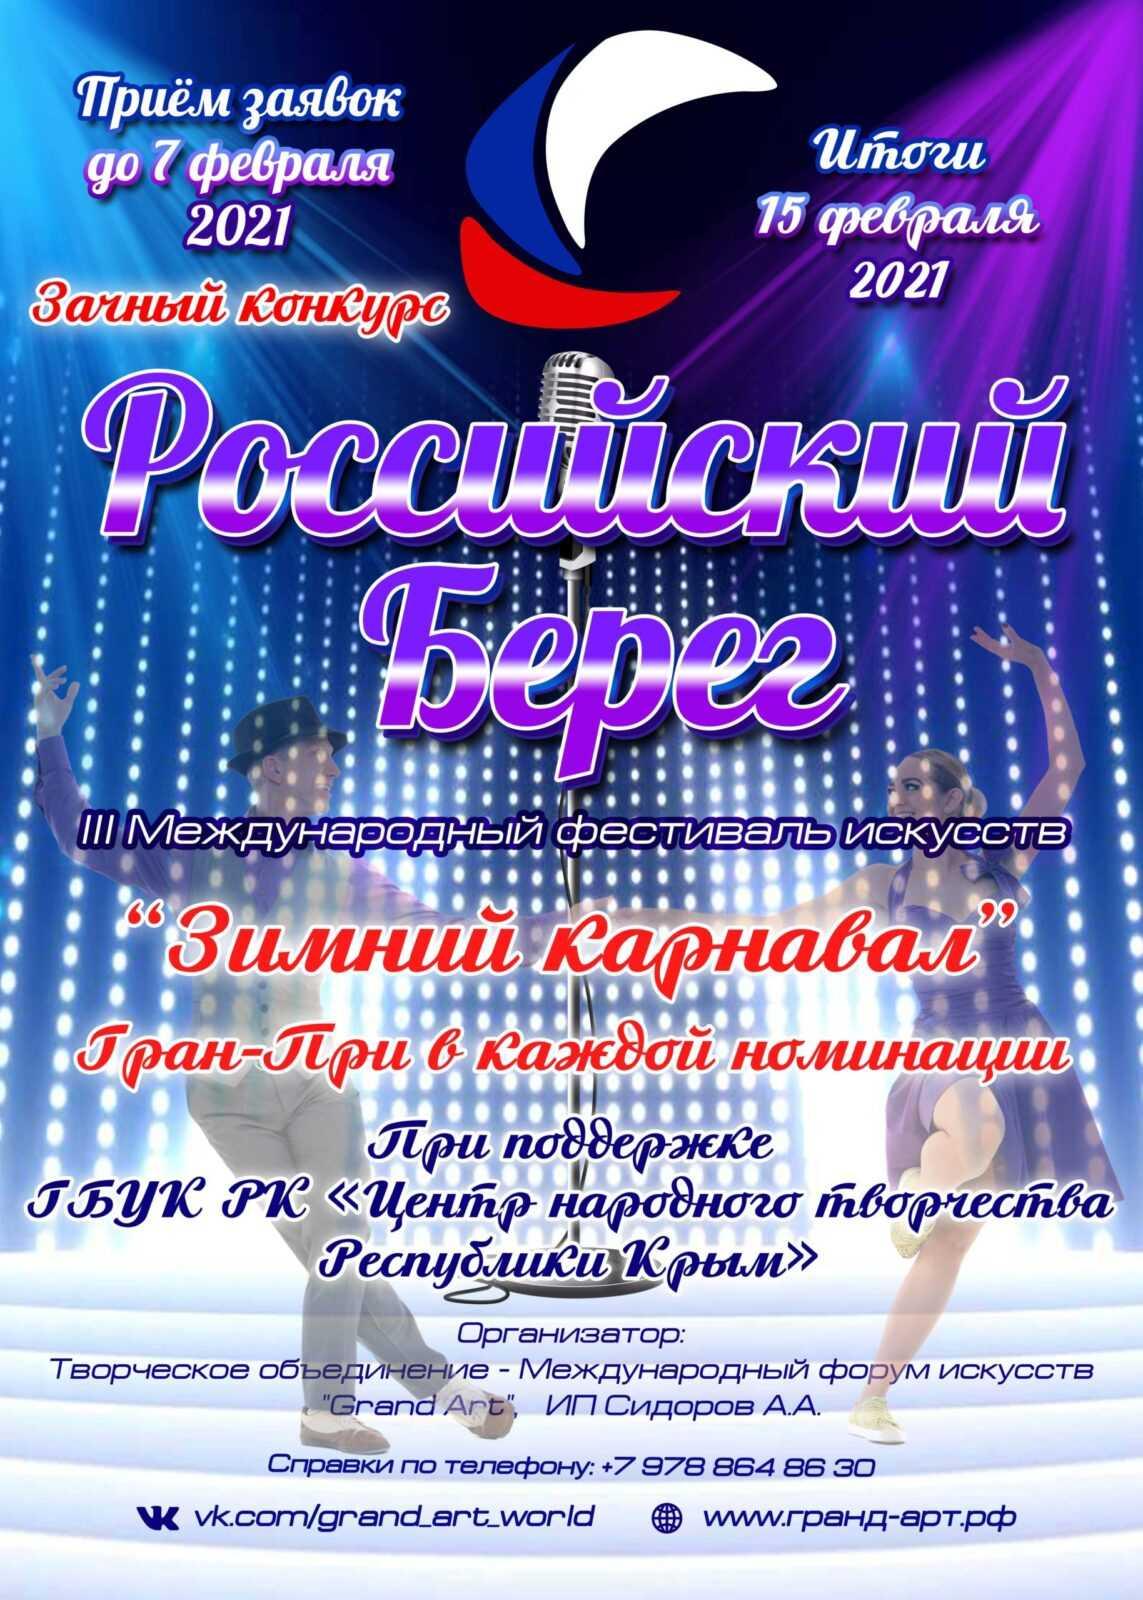 III Международный фестиваль искусств «Российский Берег. Зимний карнавал ONLINE».